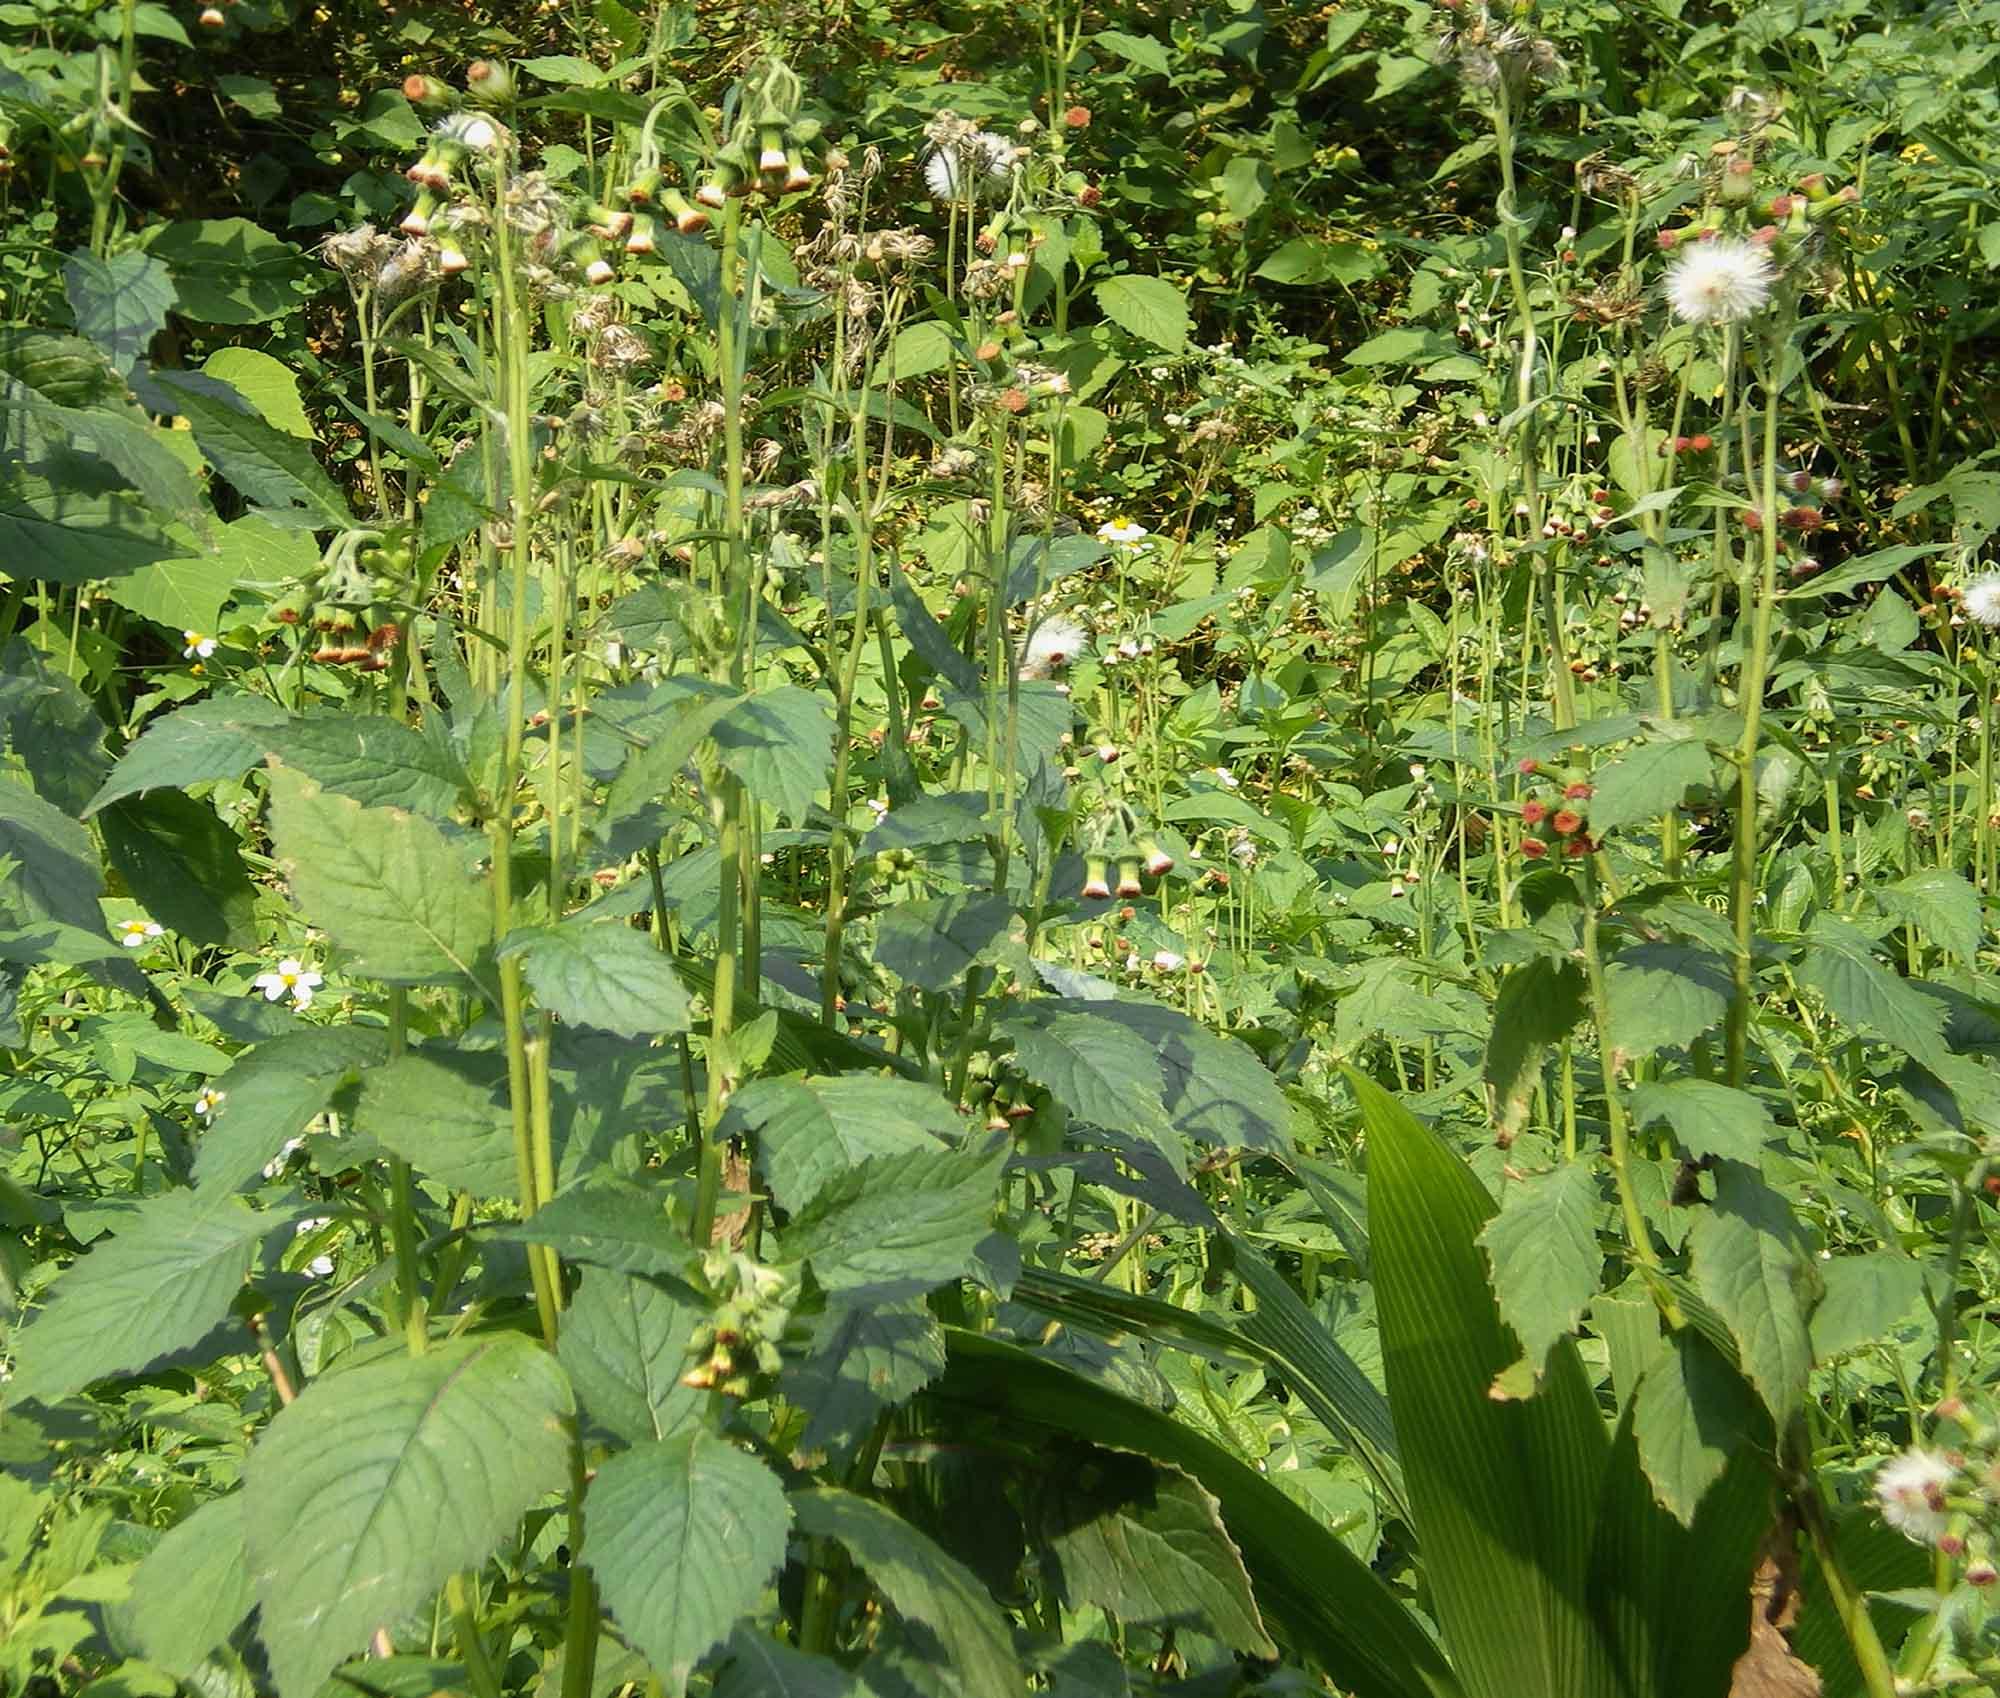 昭和草,含有抗發炎、抑制皮膚黑色素瘤的天然物。 圖片來源│徐麗芬提供